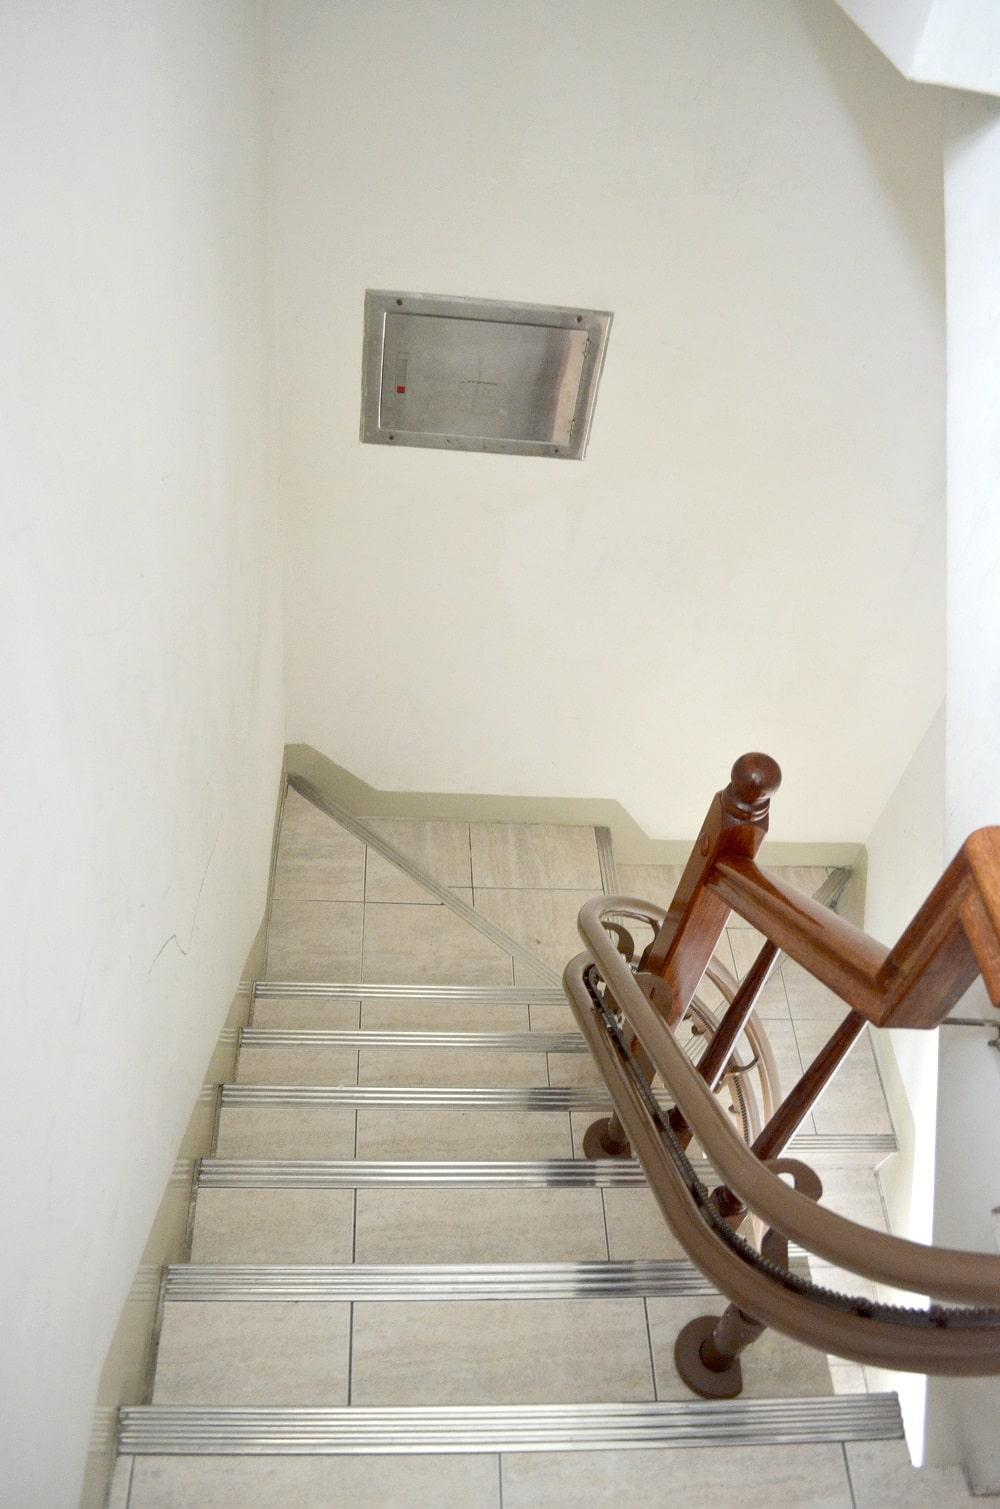 樓梯升降椅轉彎軌道安裝